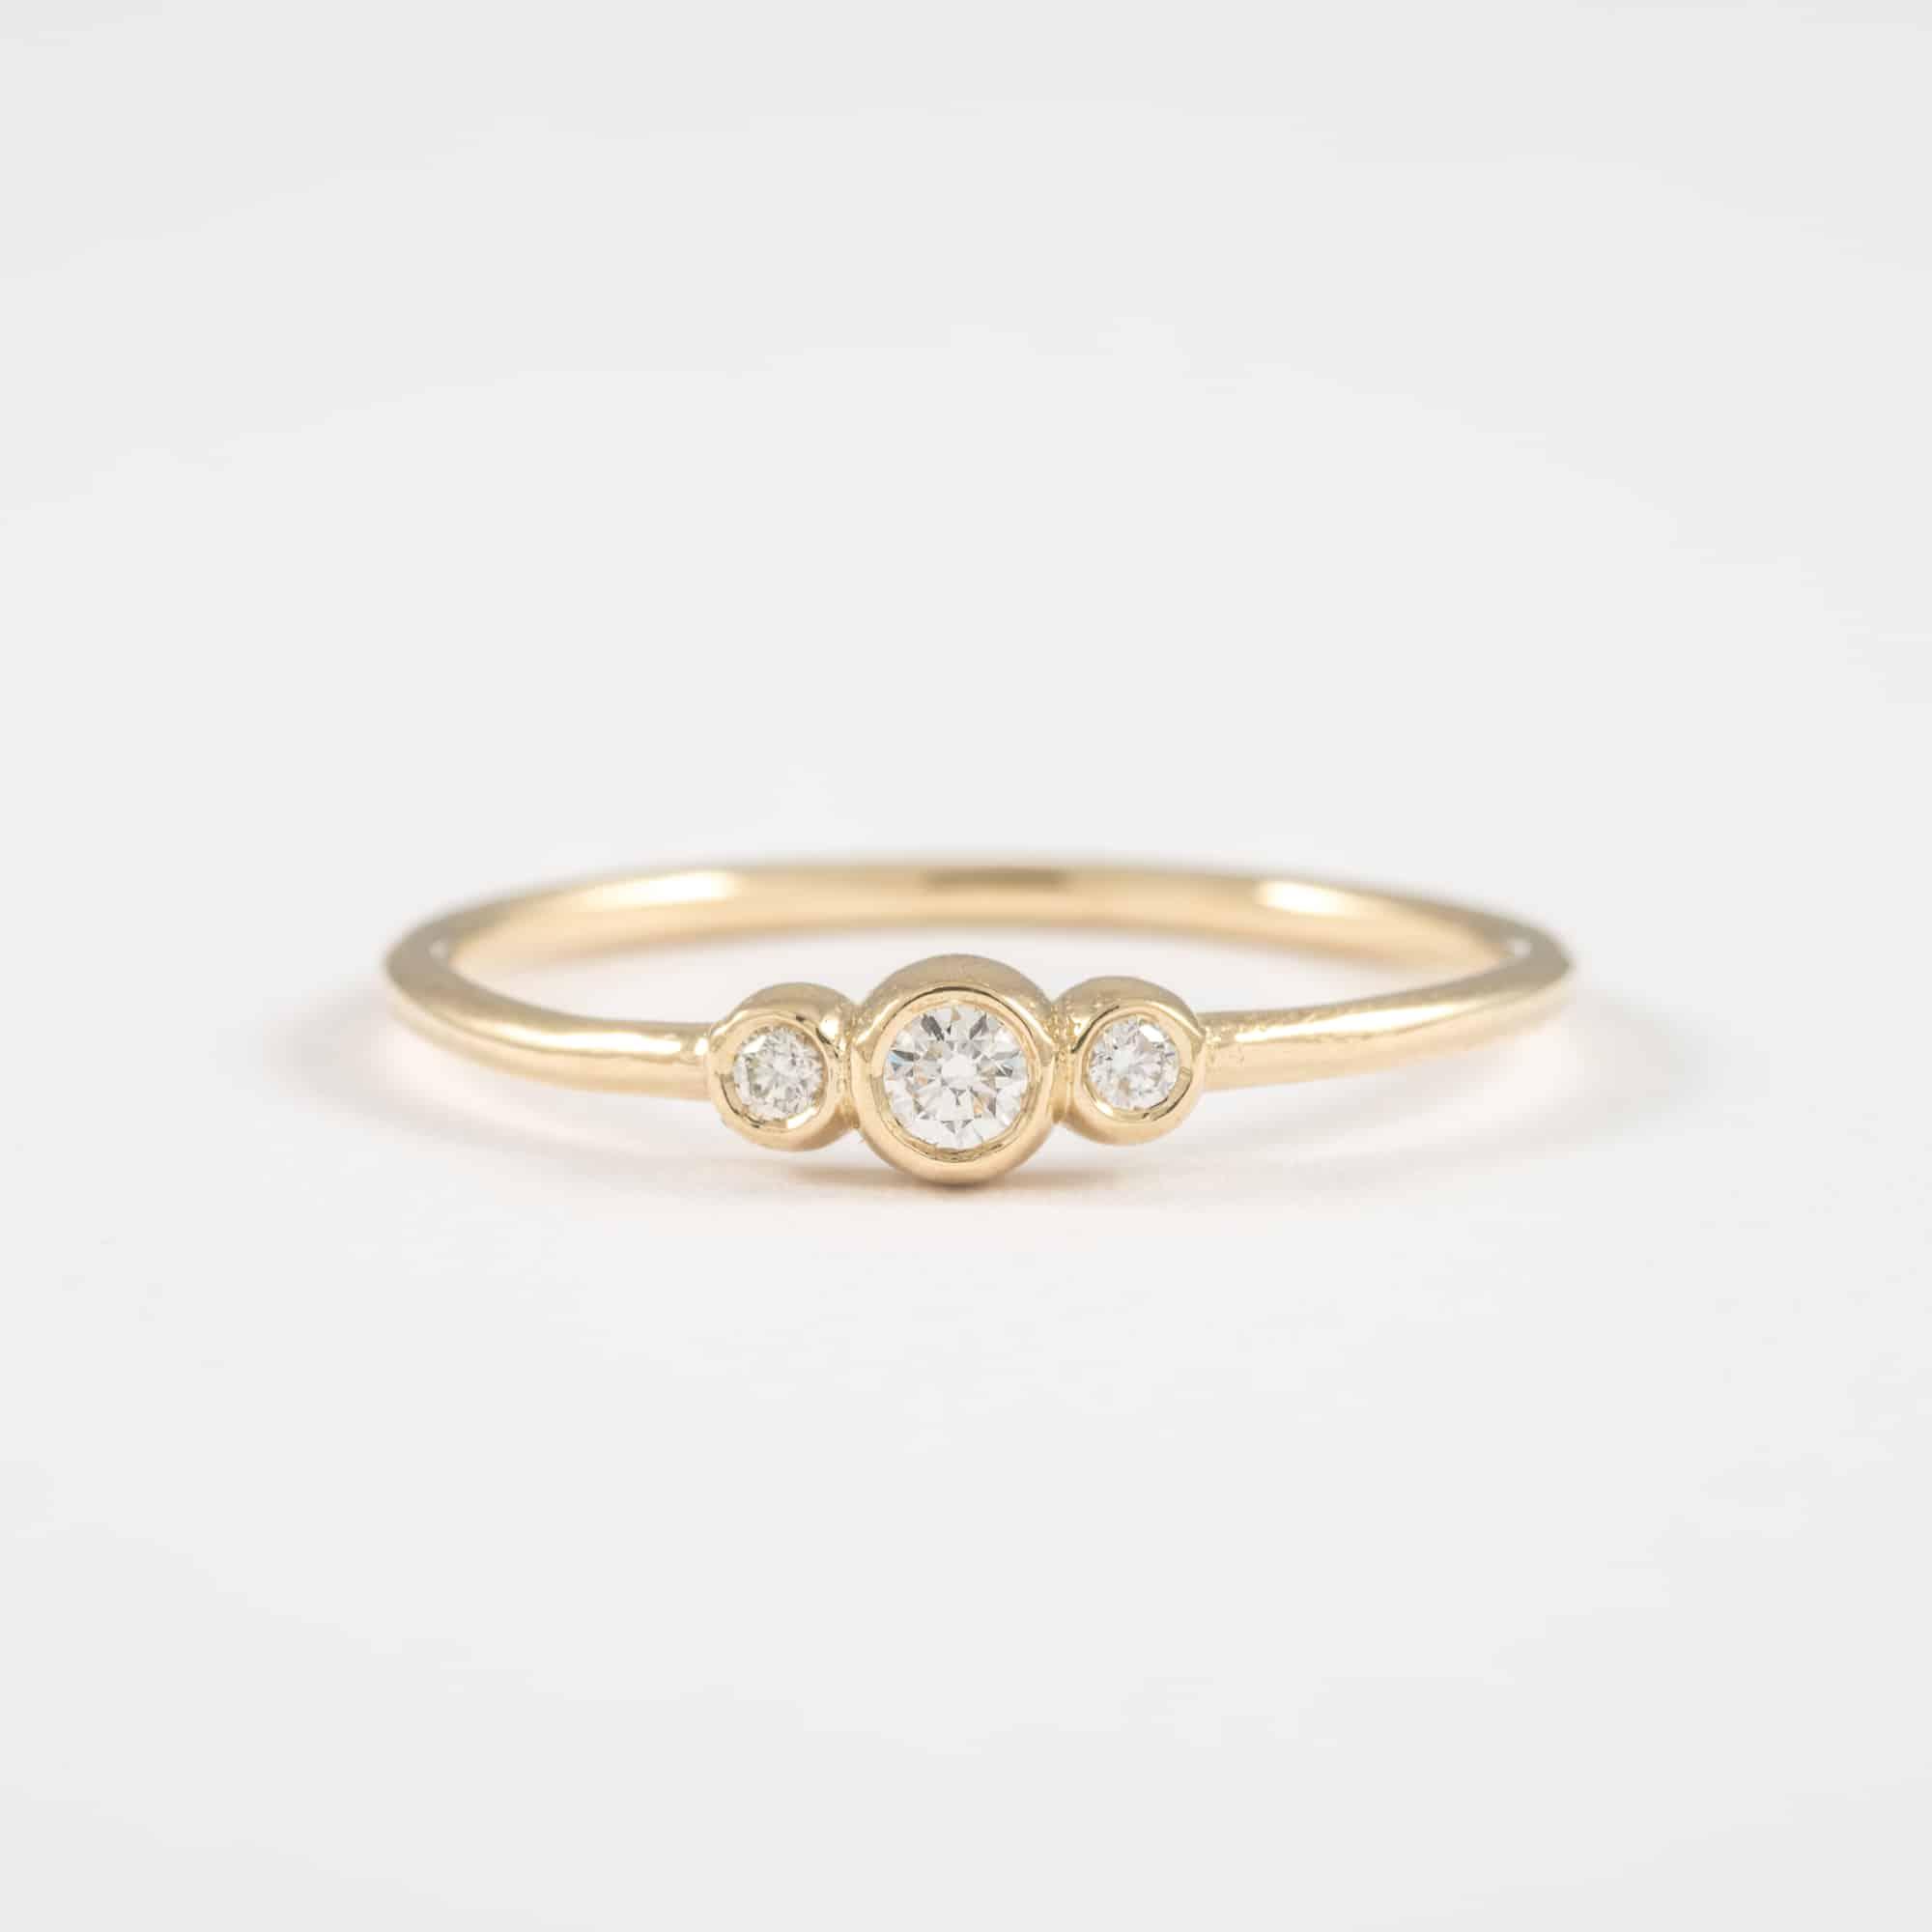 טבעת זהב רומנטית משובצת 3 יהלומים